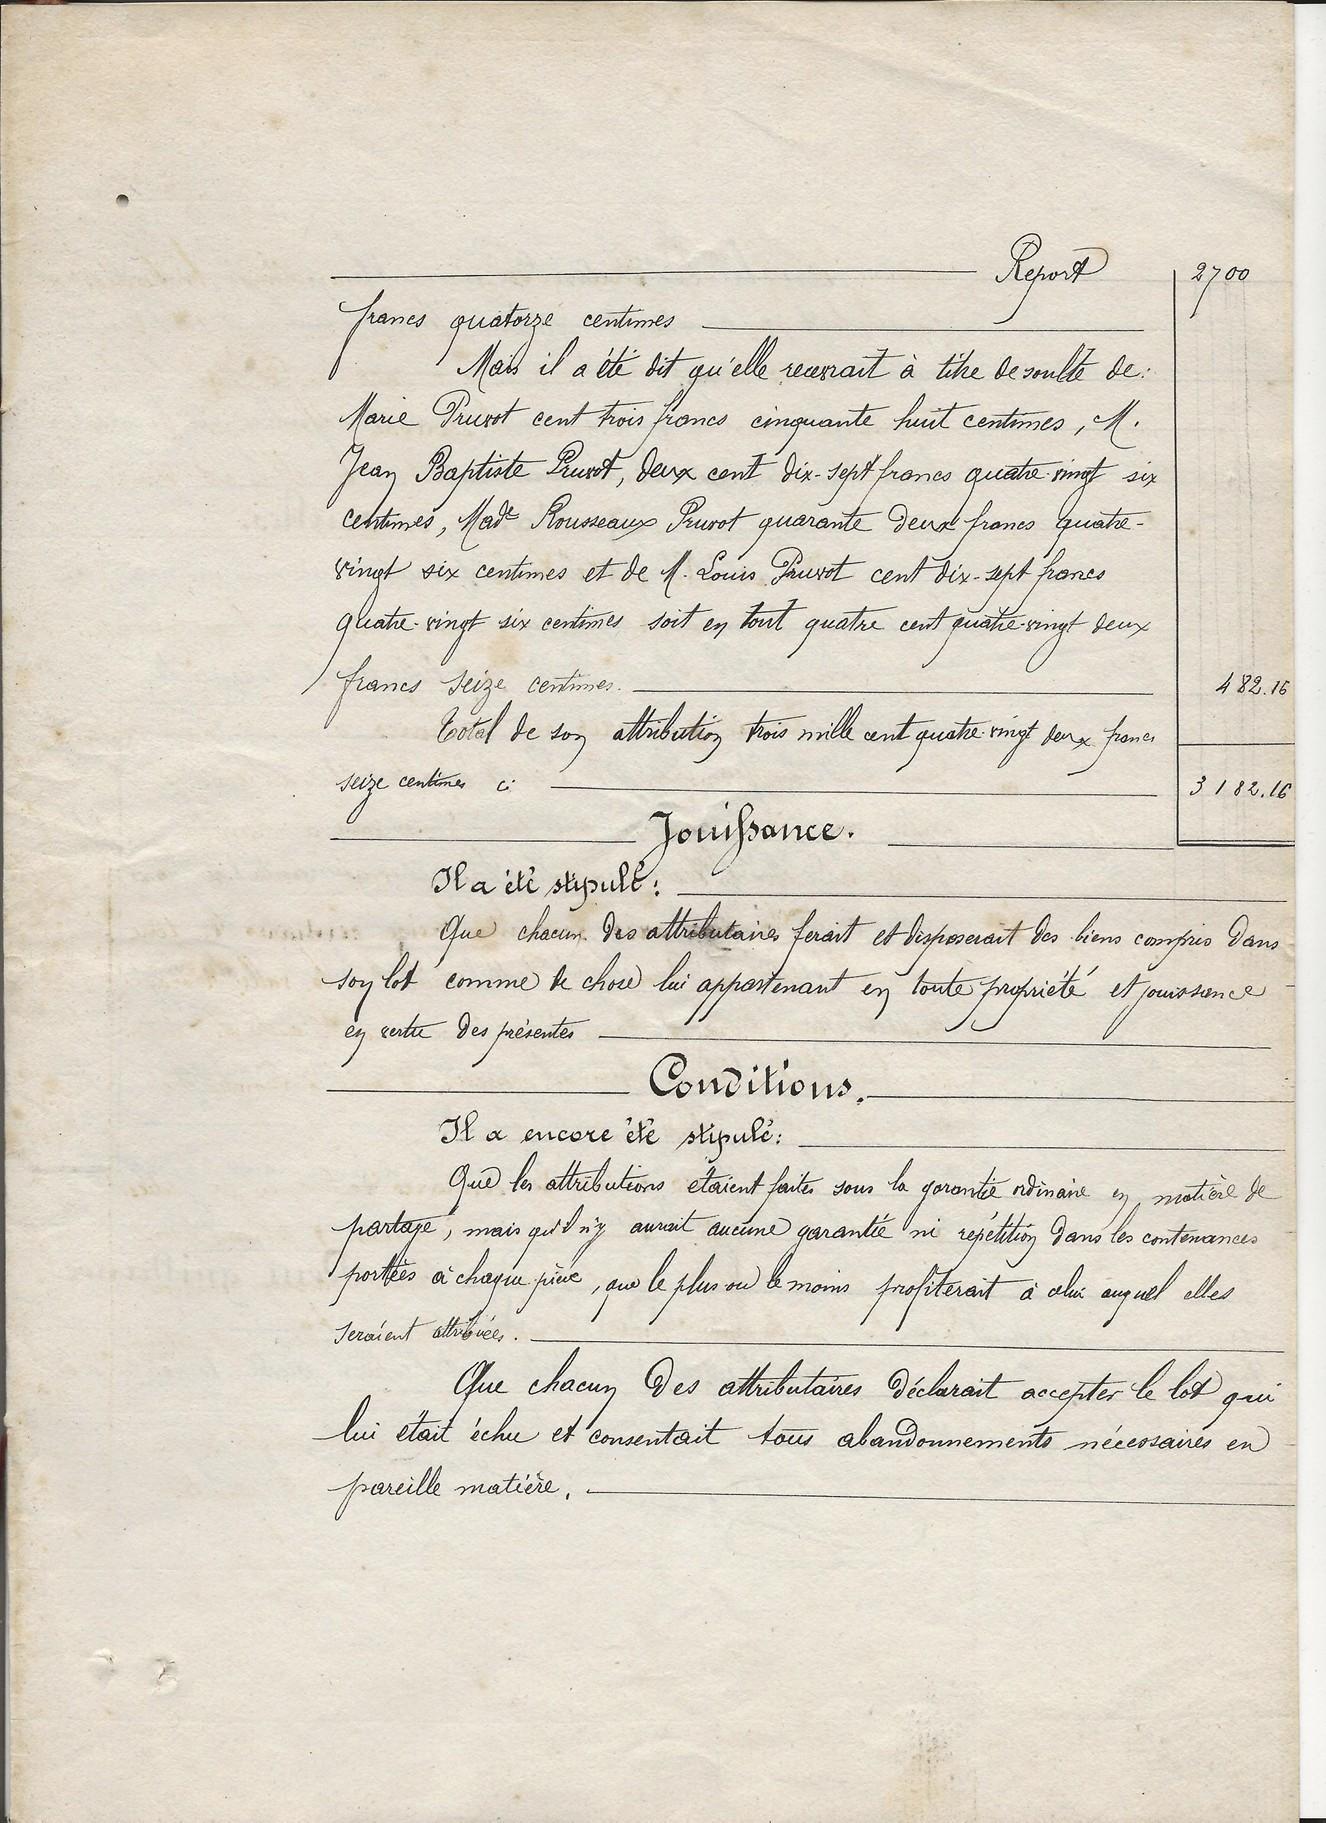 1882 succession partage de ch bricout veuve emmanuel pruvot 003